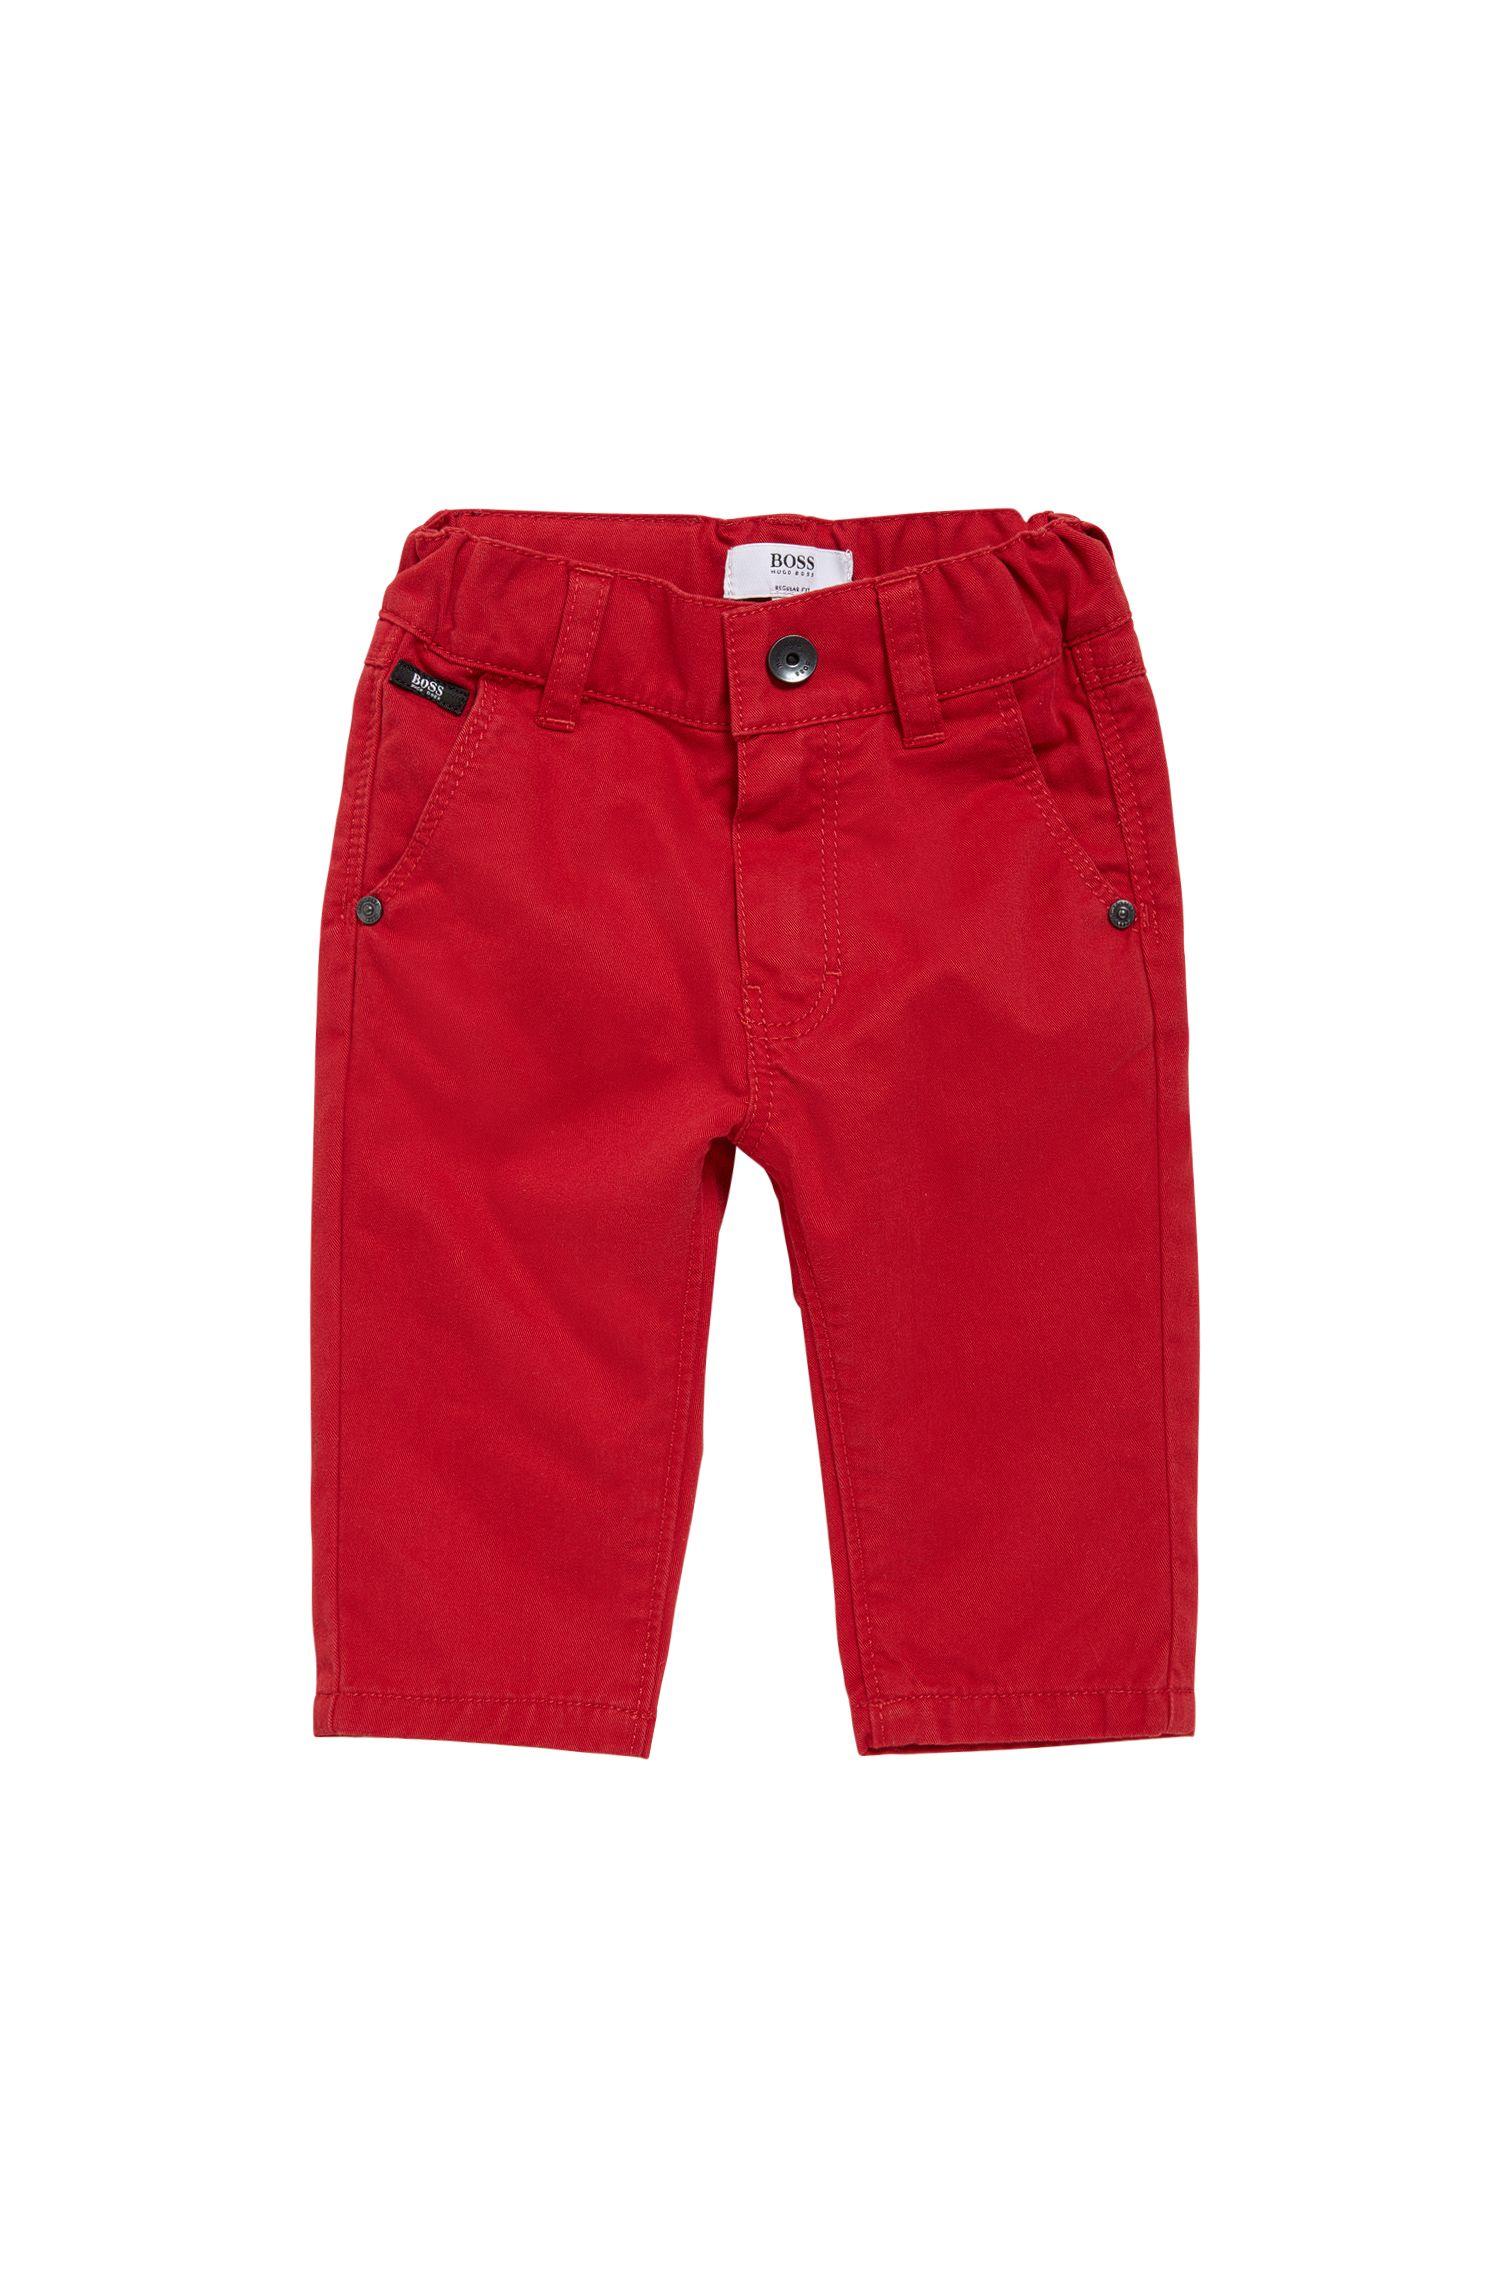 Regular-Fit Baby-Hose aus Baumwolle: 'J04248'